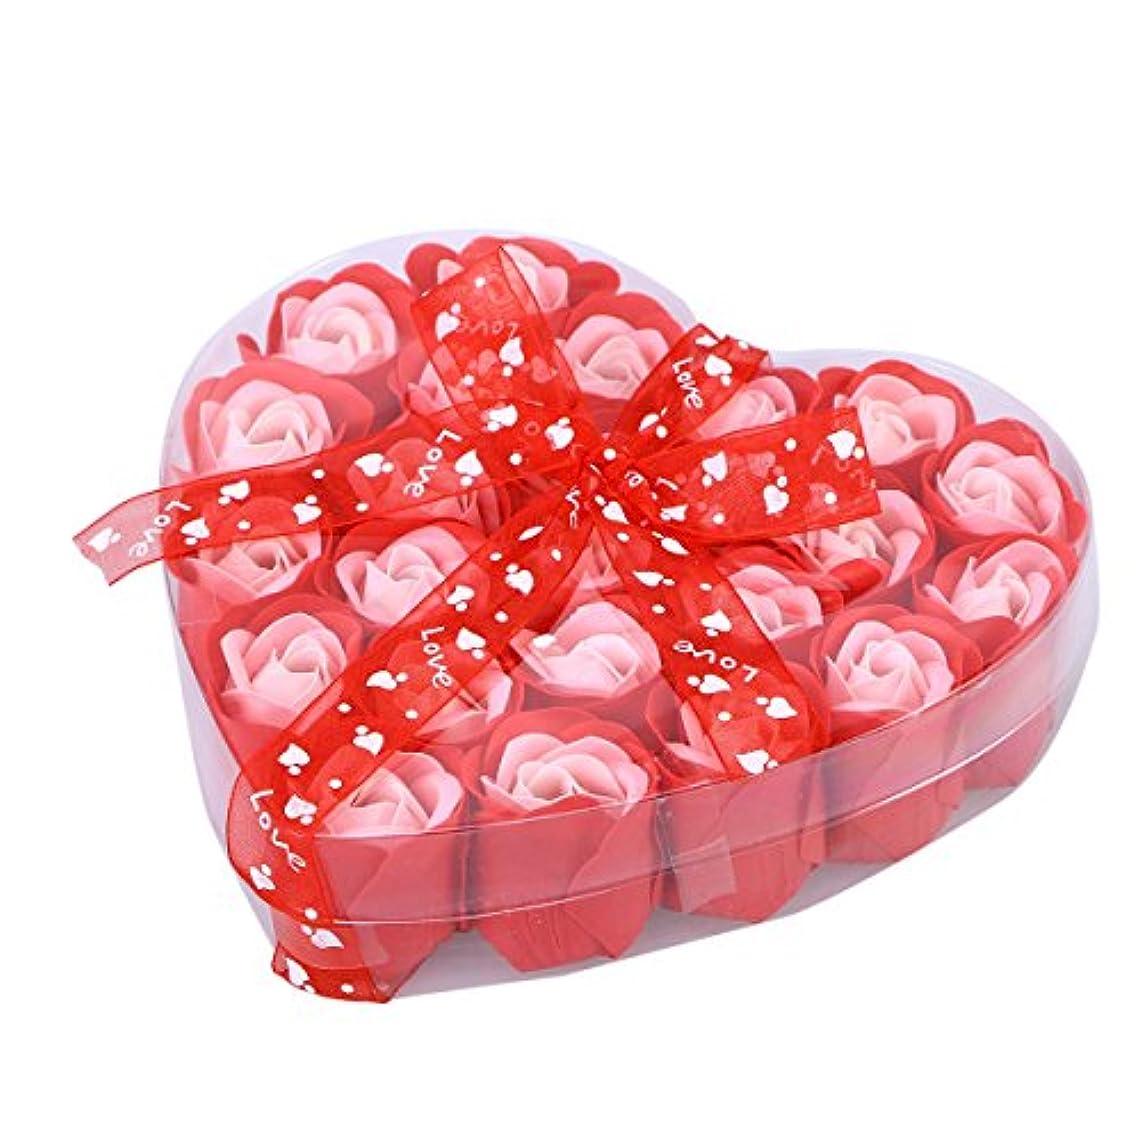 偏心ヘア縁Healifty バレンタインデーのハートボックスに香りの石鹸バラの花びら(ランダムリボン)24個